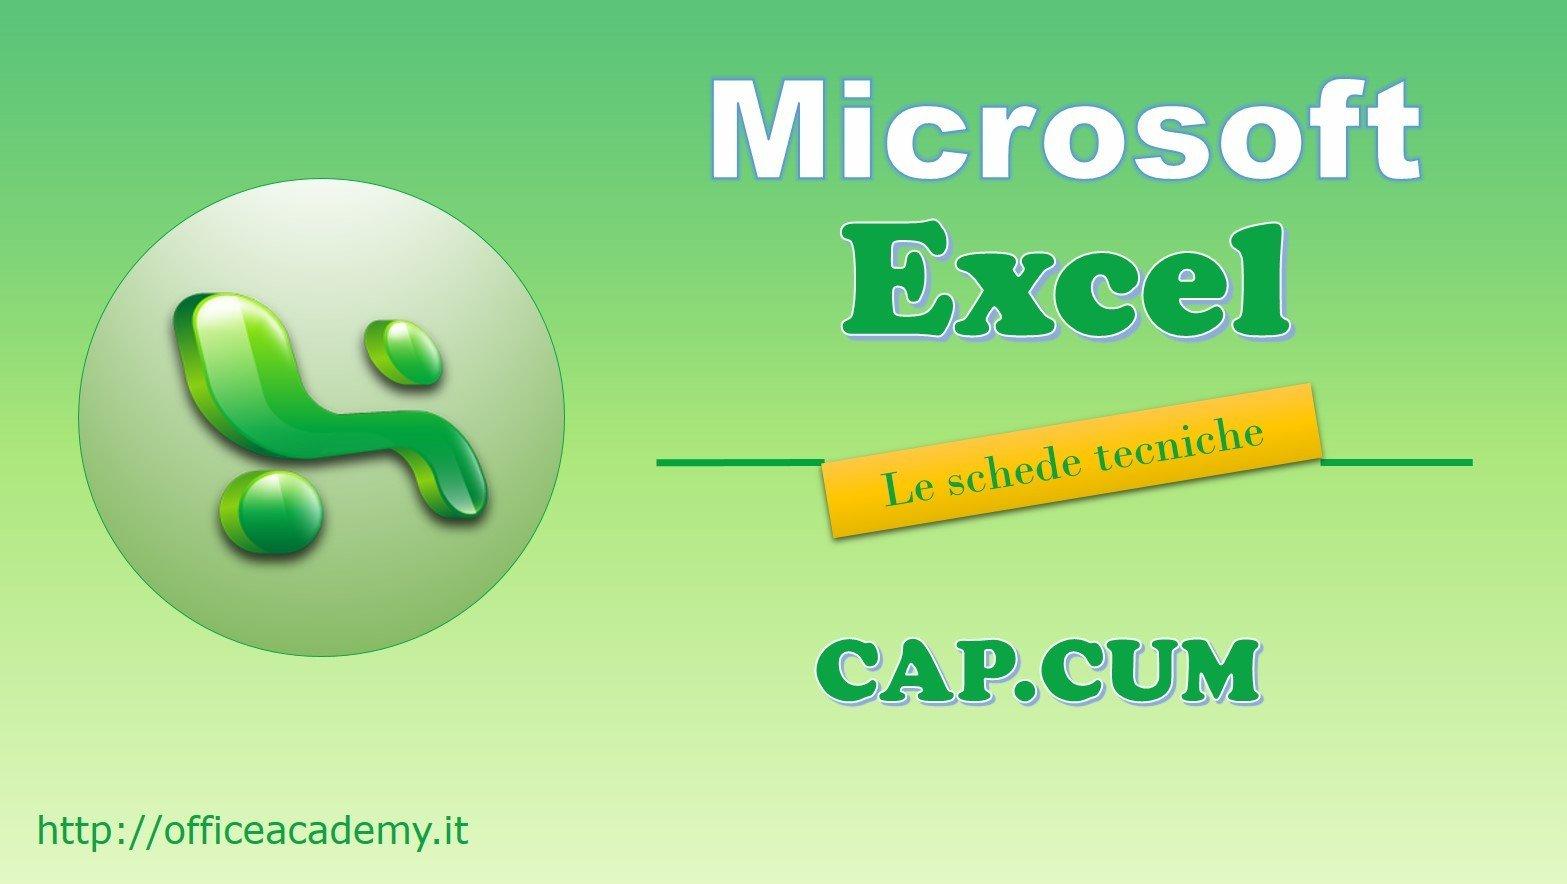 CAP.CUM